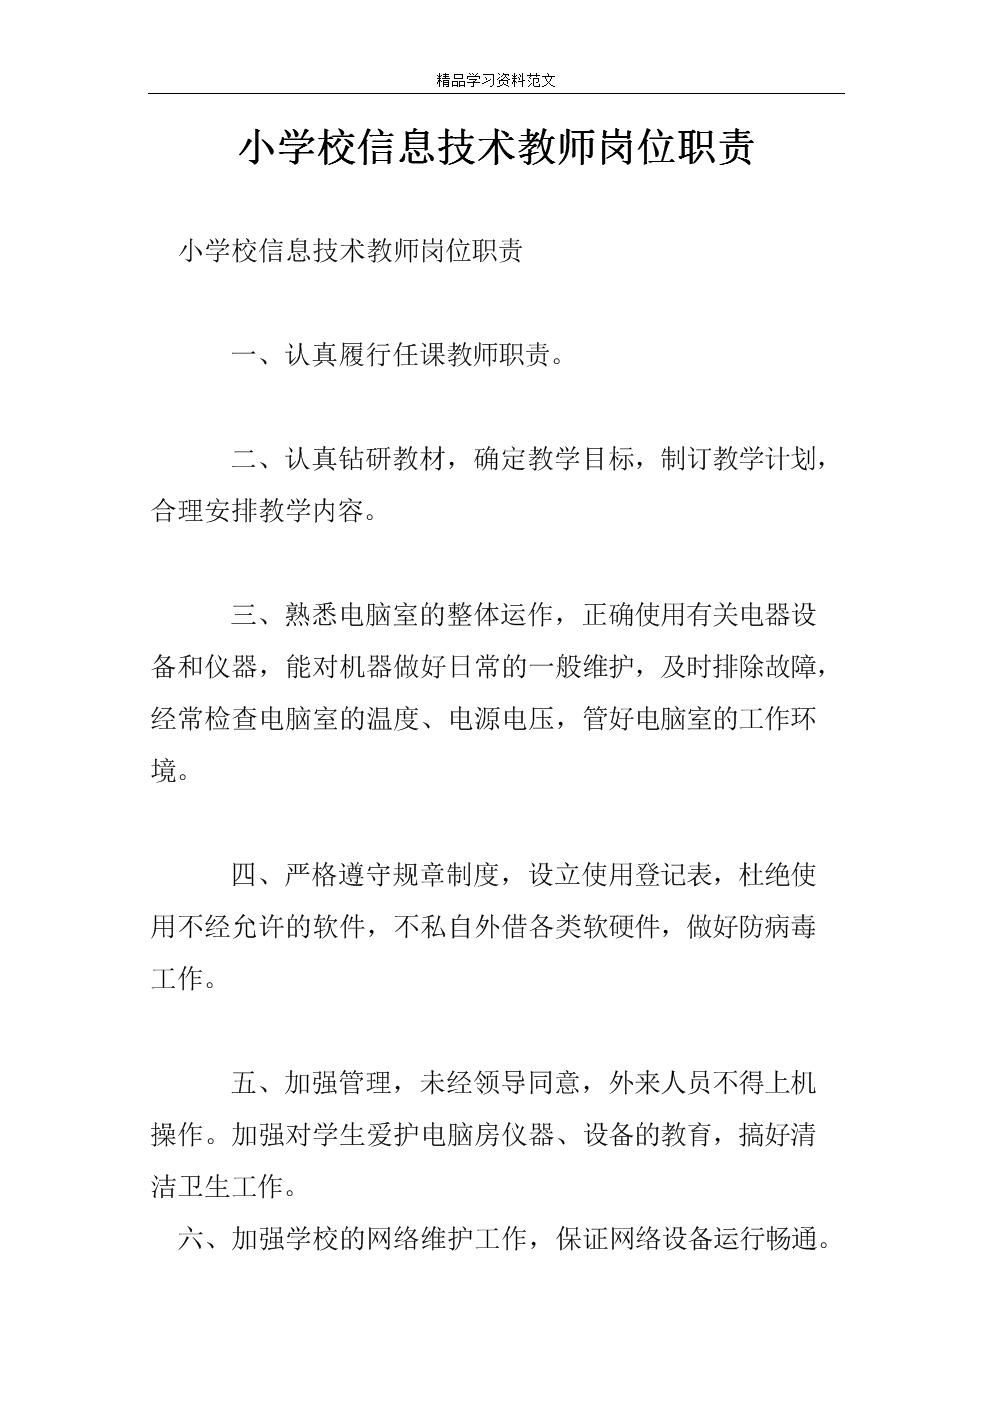 小学校信息白杨技术岗位职责.doc小学教师课件语文图片图片